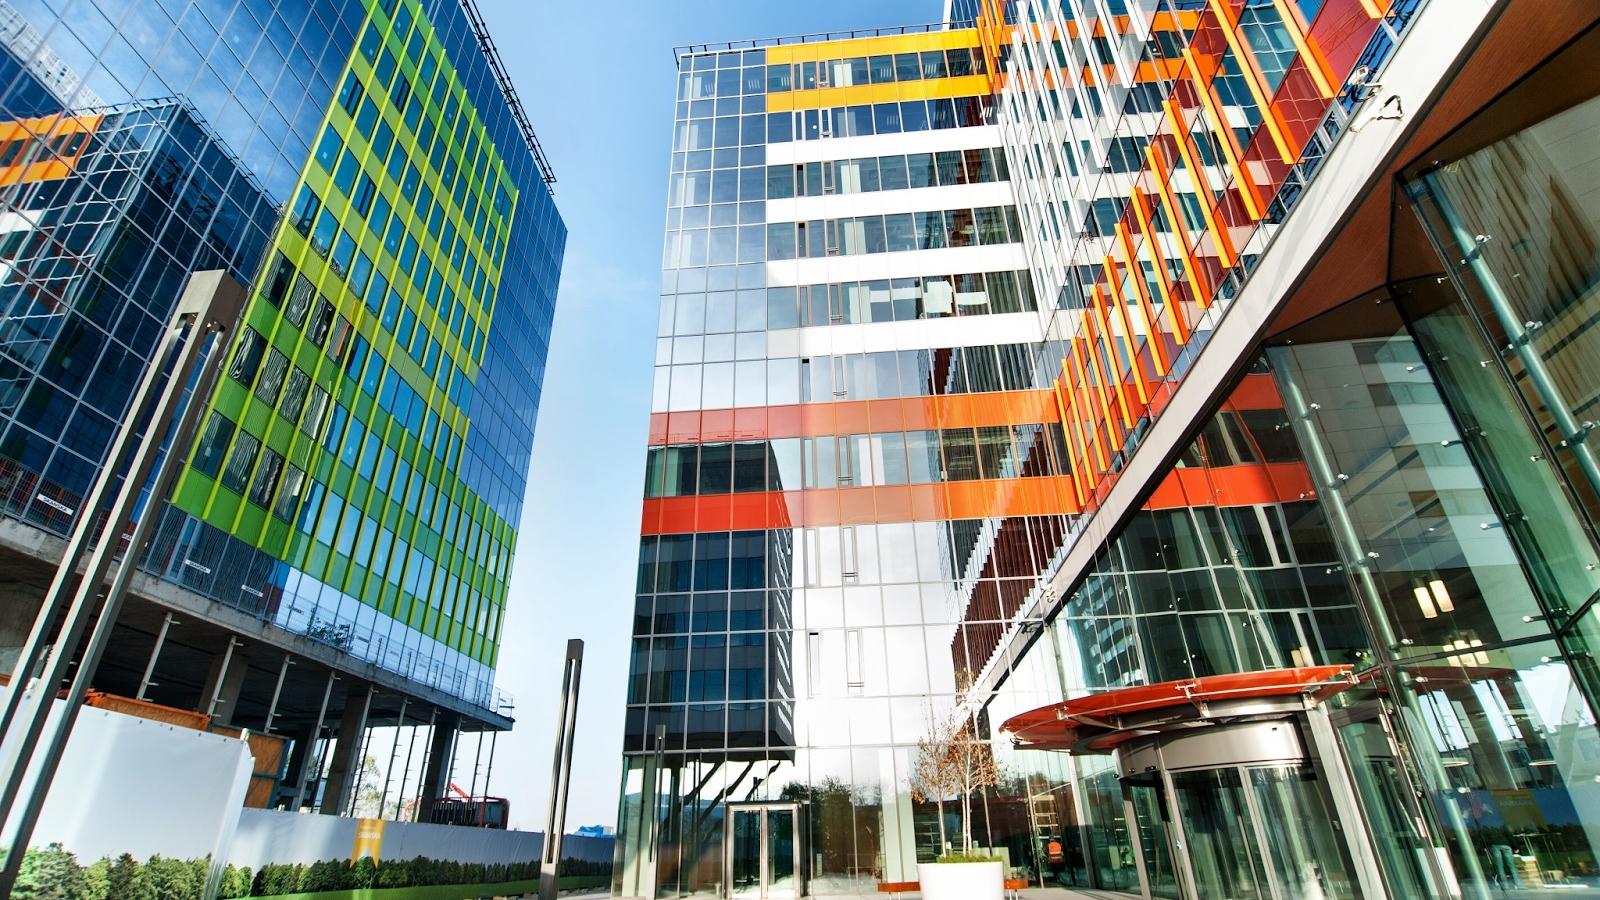 Chiria ȋn clădirile de birouri din București